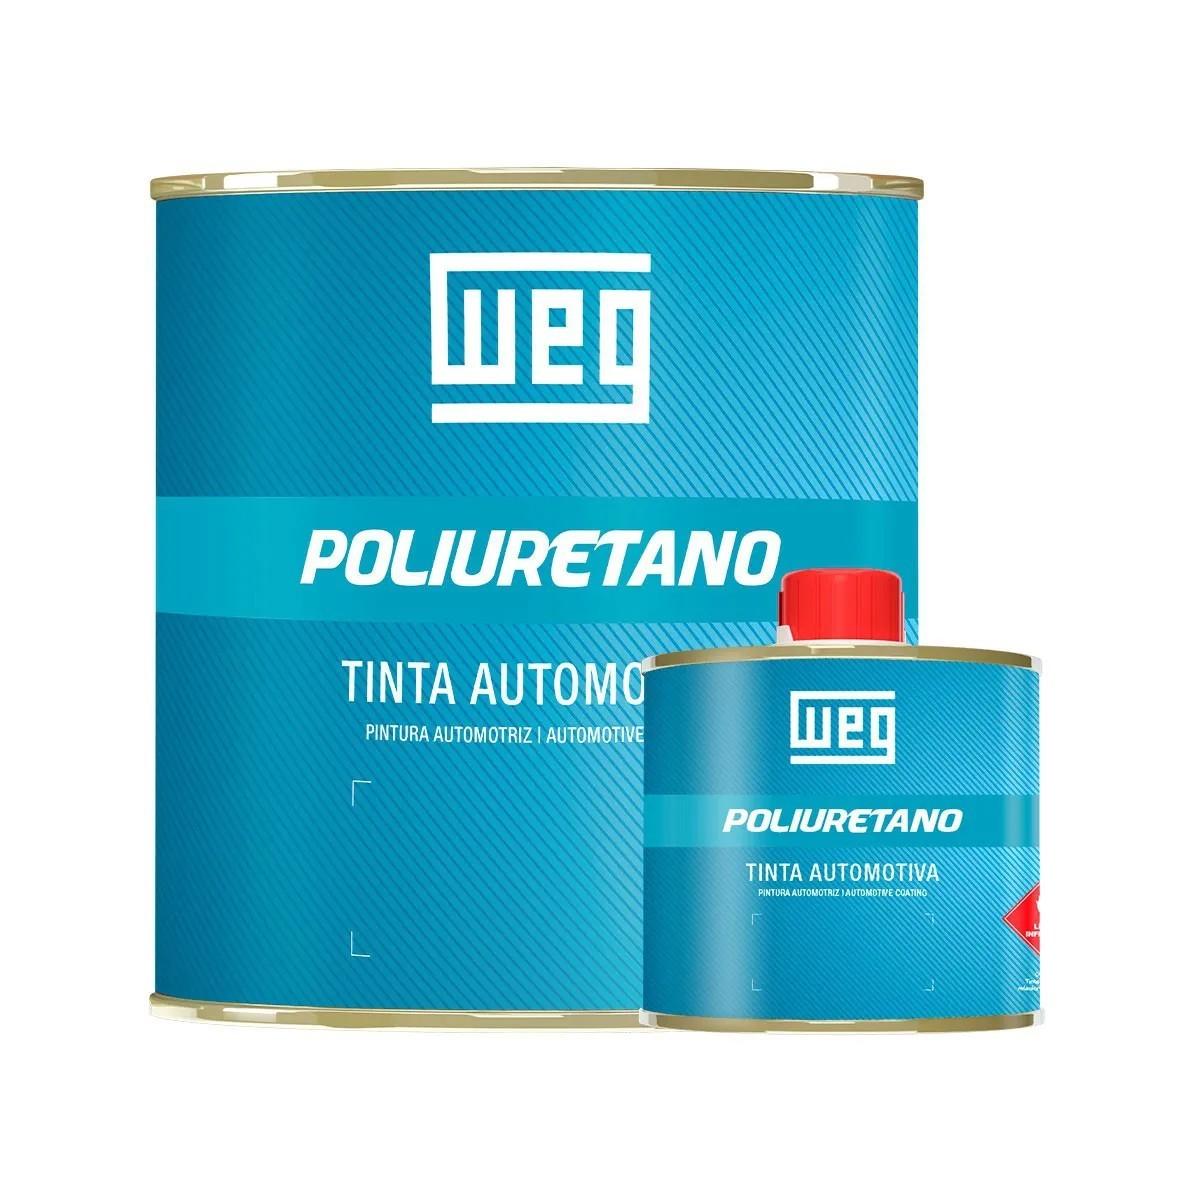 TINTA POLIURETANO BRANCO ARTICO 60211 | 900 ml